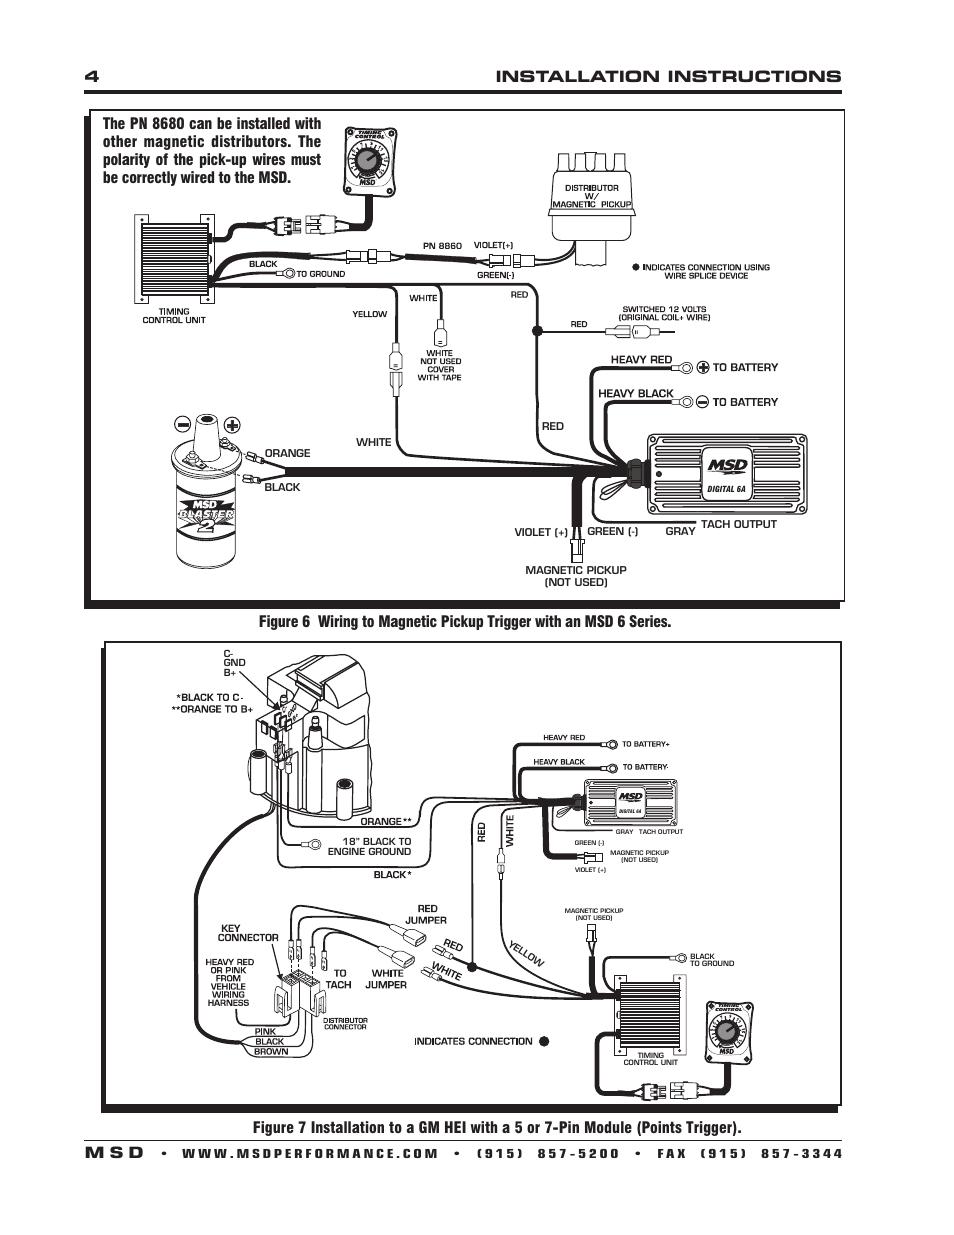 ford 460 msd 7al wiring diagram wiring diagram msd 7530t wiring diagram e7  wiring diagram msd 7530t wiring